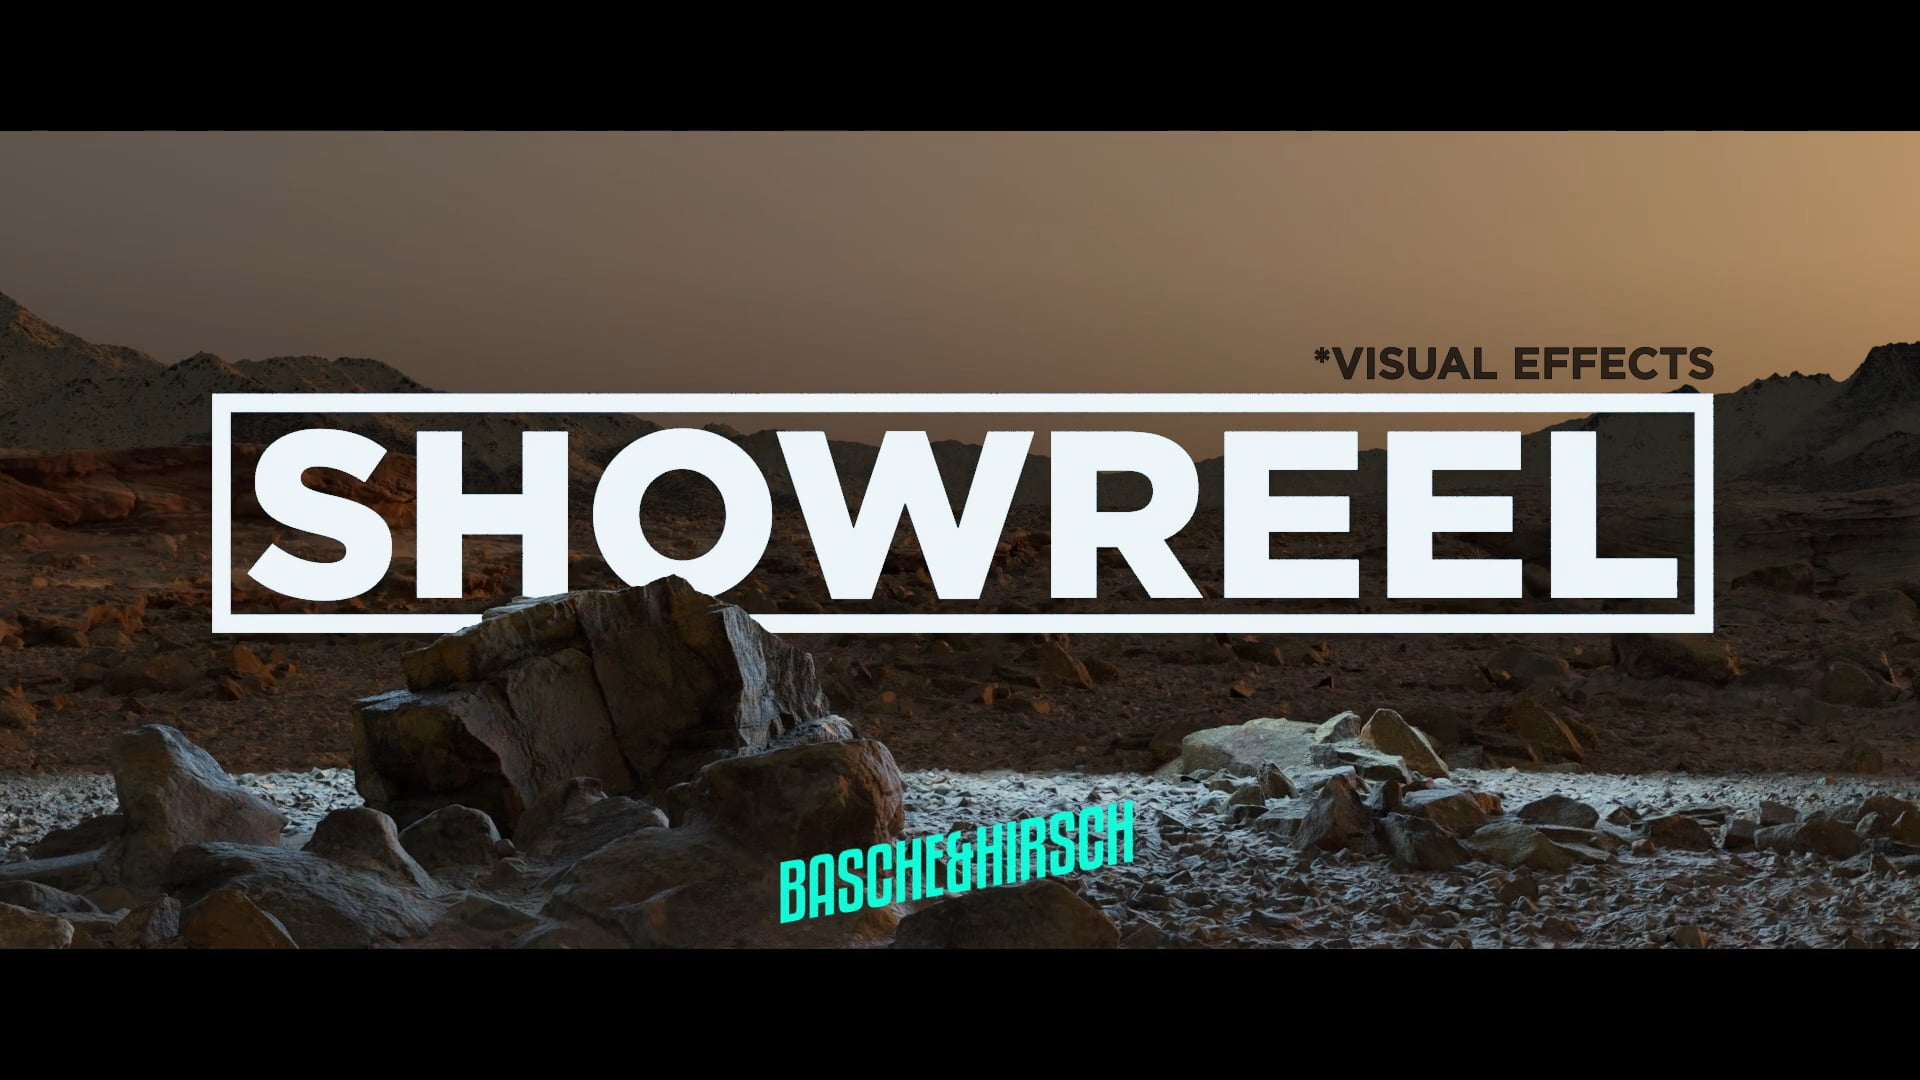 Showreel BascheHirsch VFX